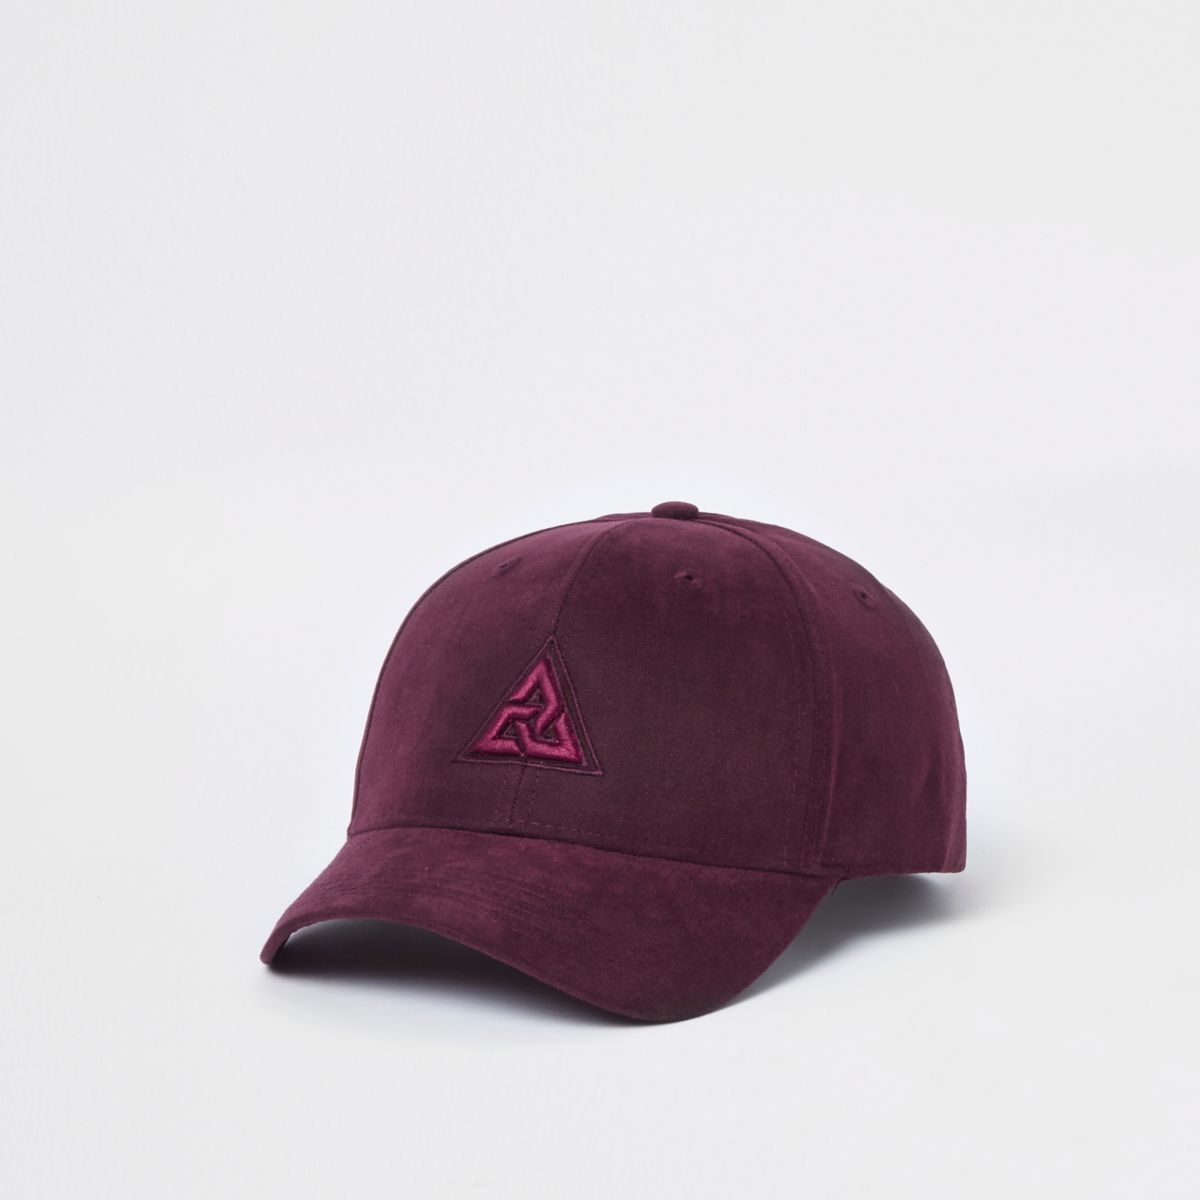 Concept red logo baseball cap